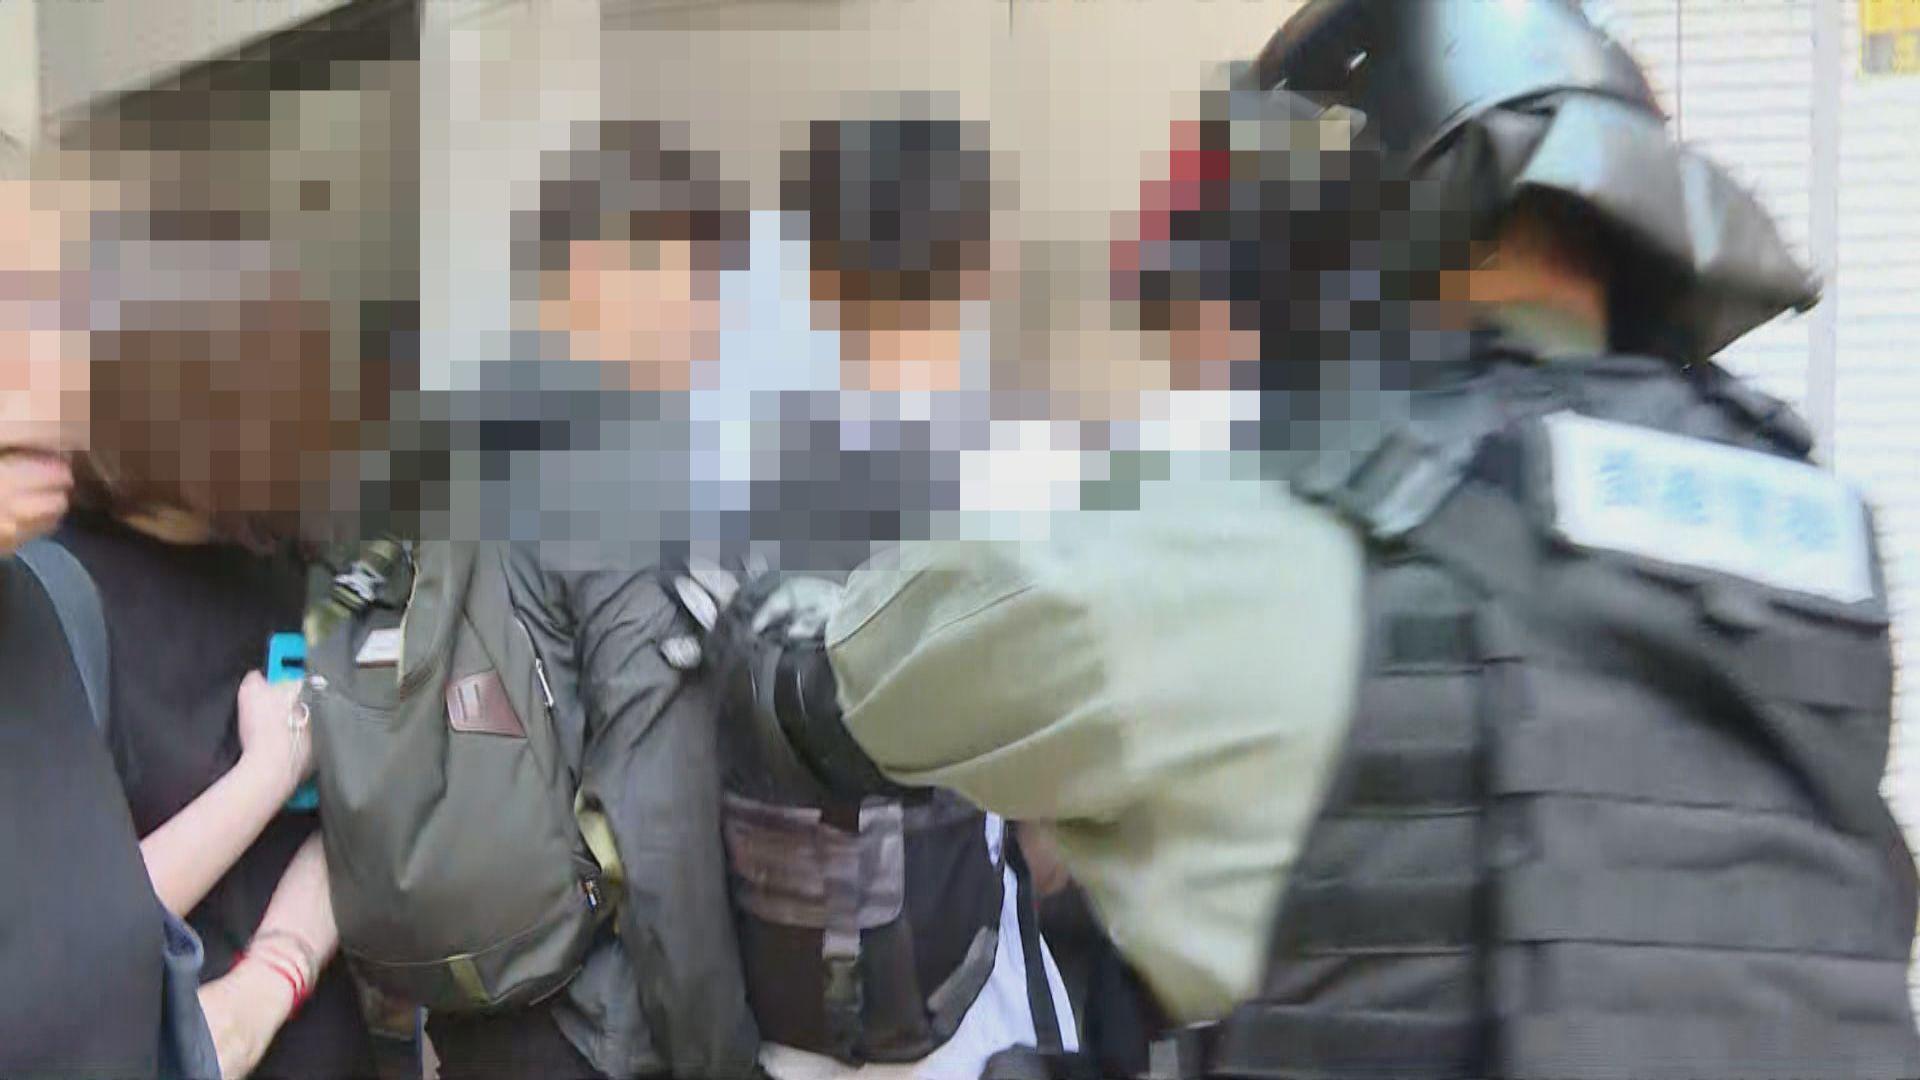 警員在西灣河教堂範圍拘捕疑犯